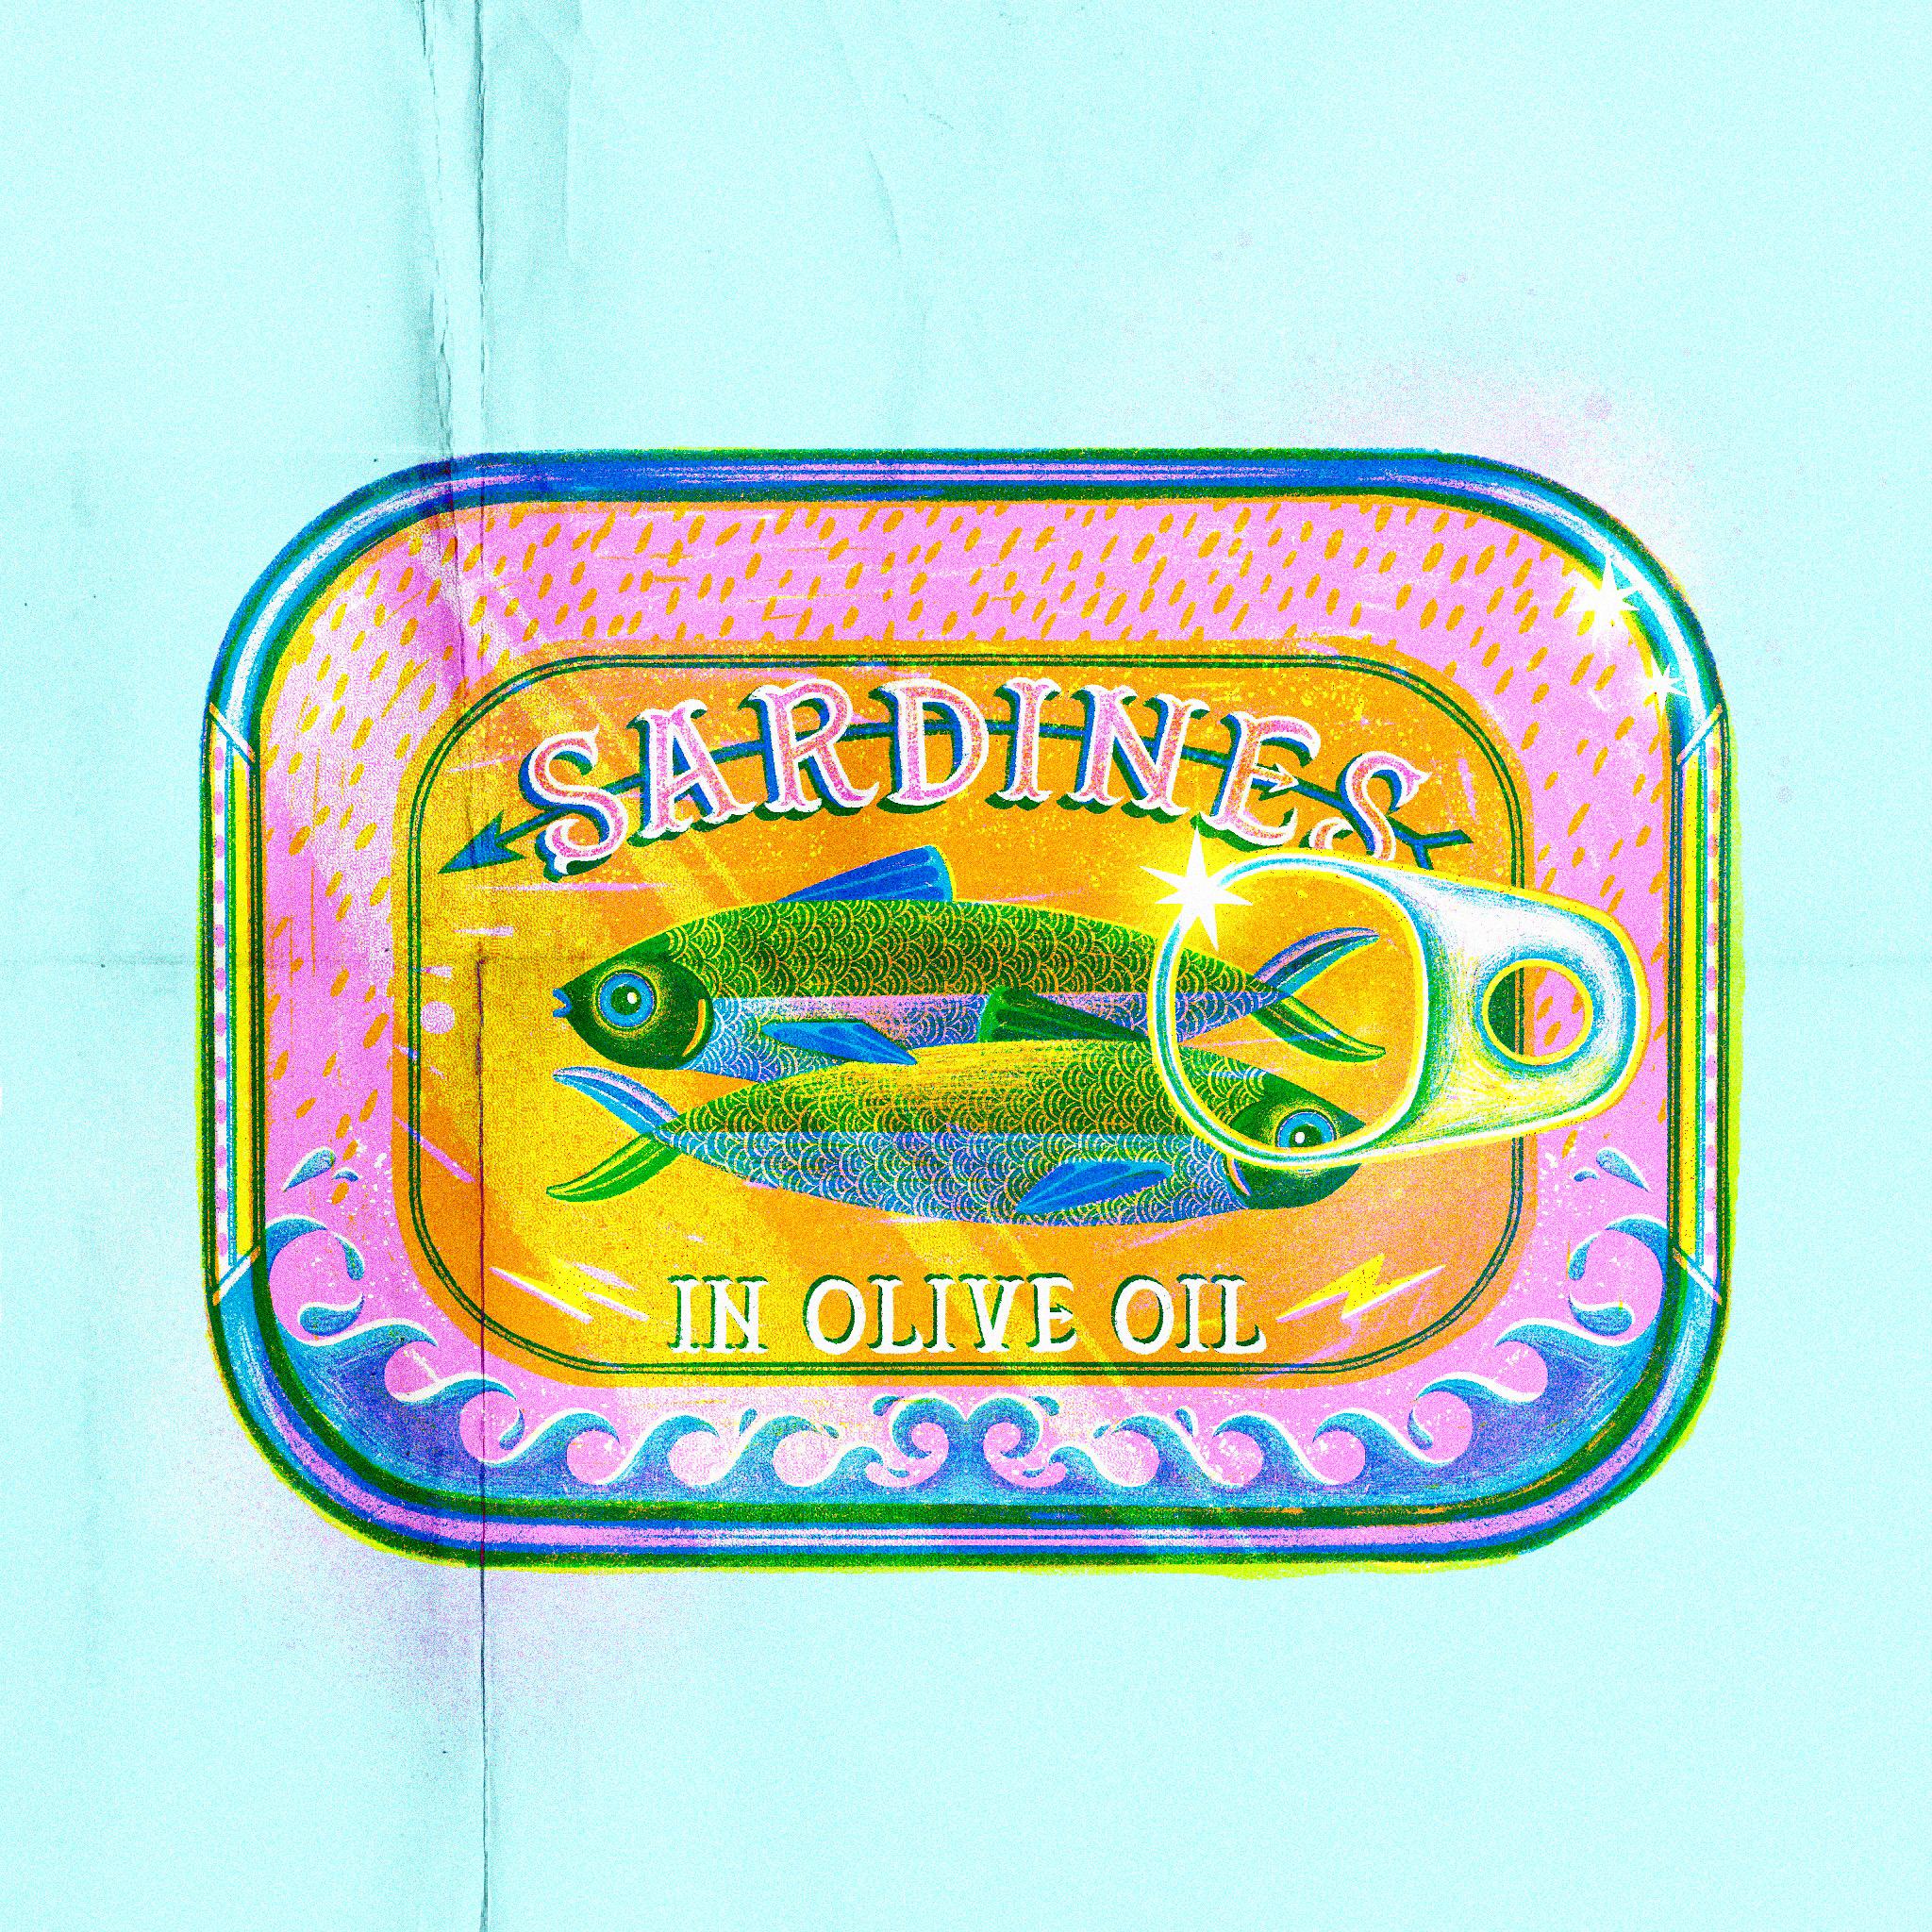 Sardine tin - jasmine Floyd